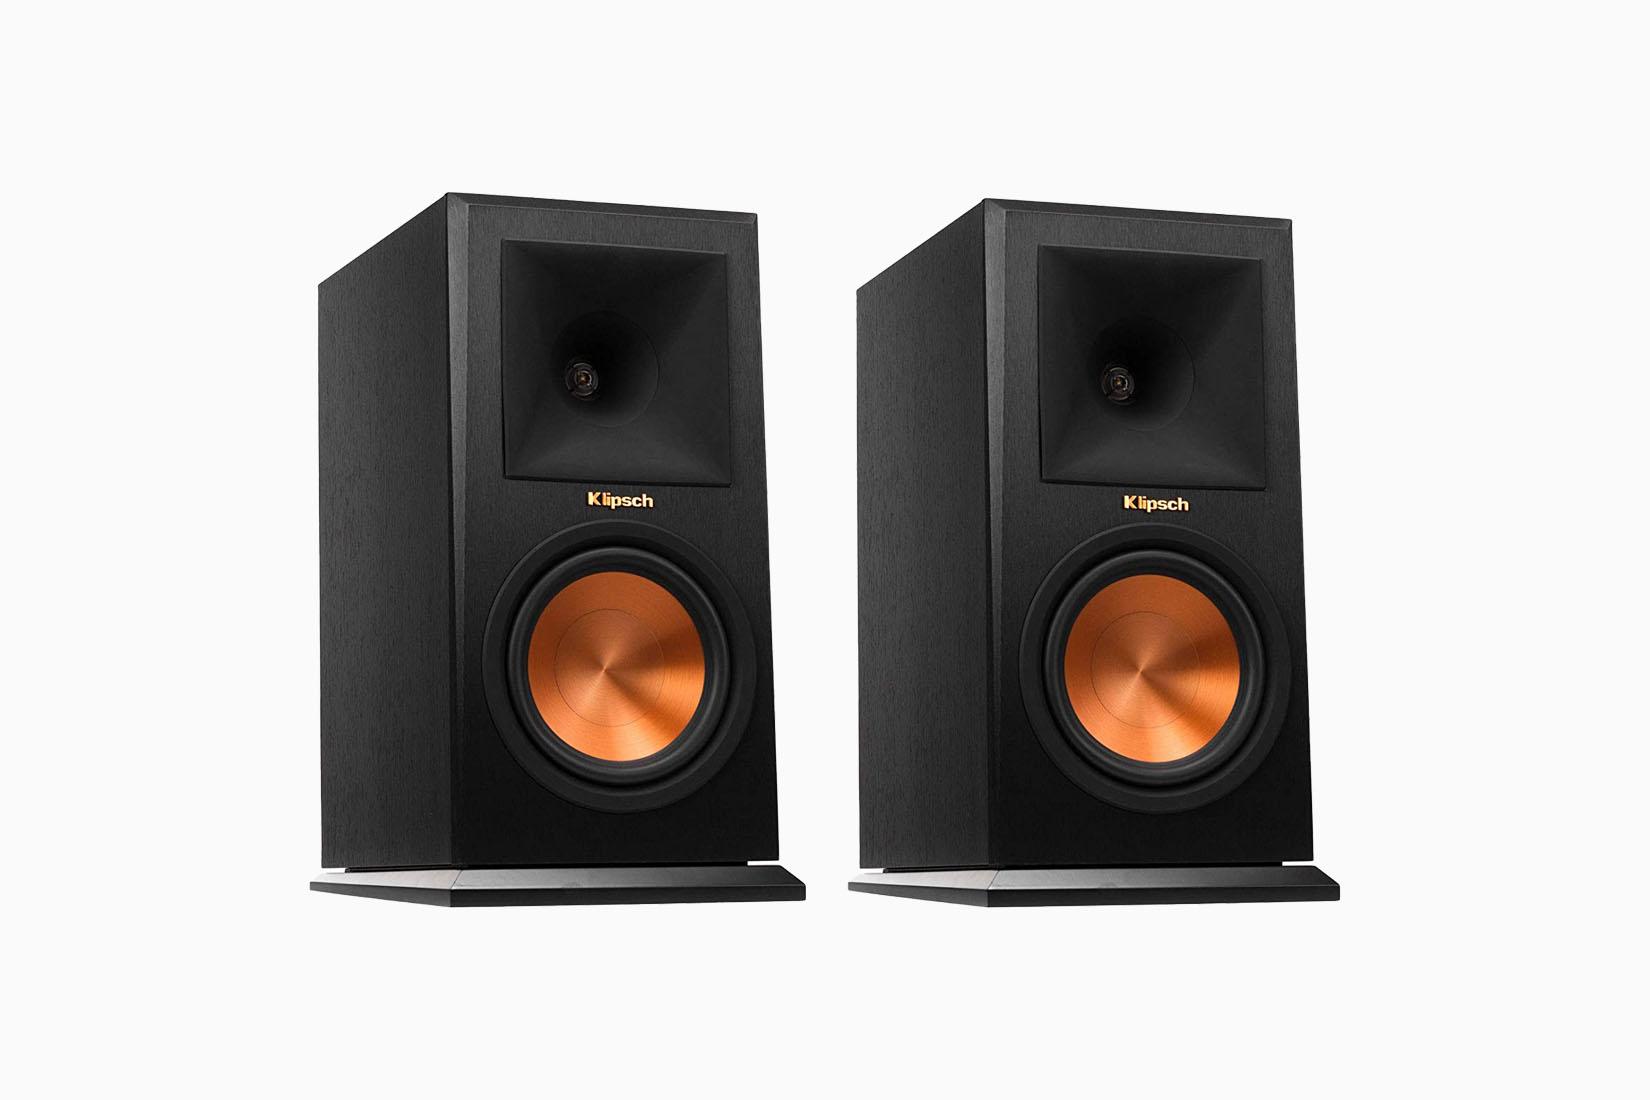 best bookshelf speakers klipsch review Luxe Digital